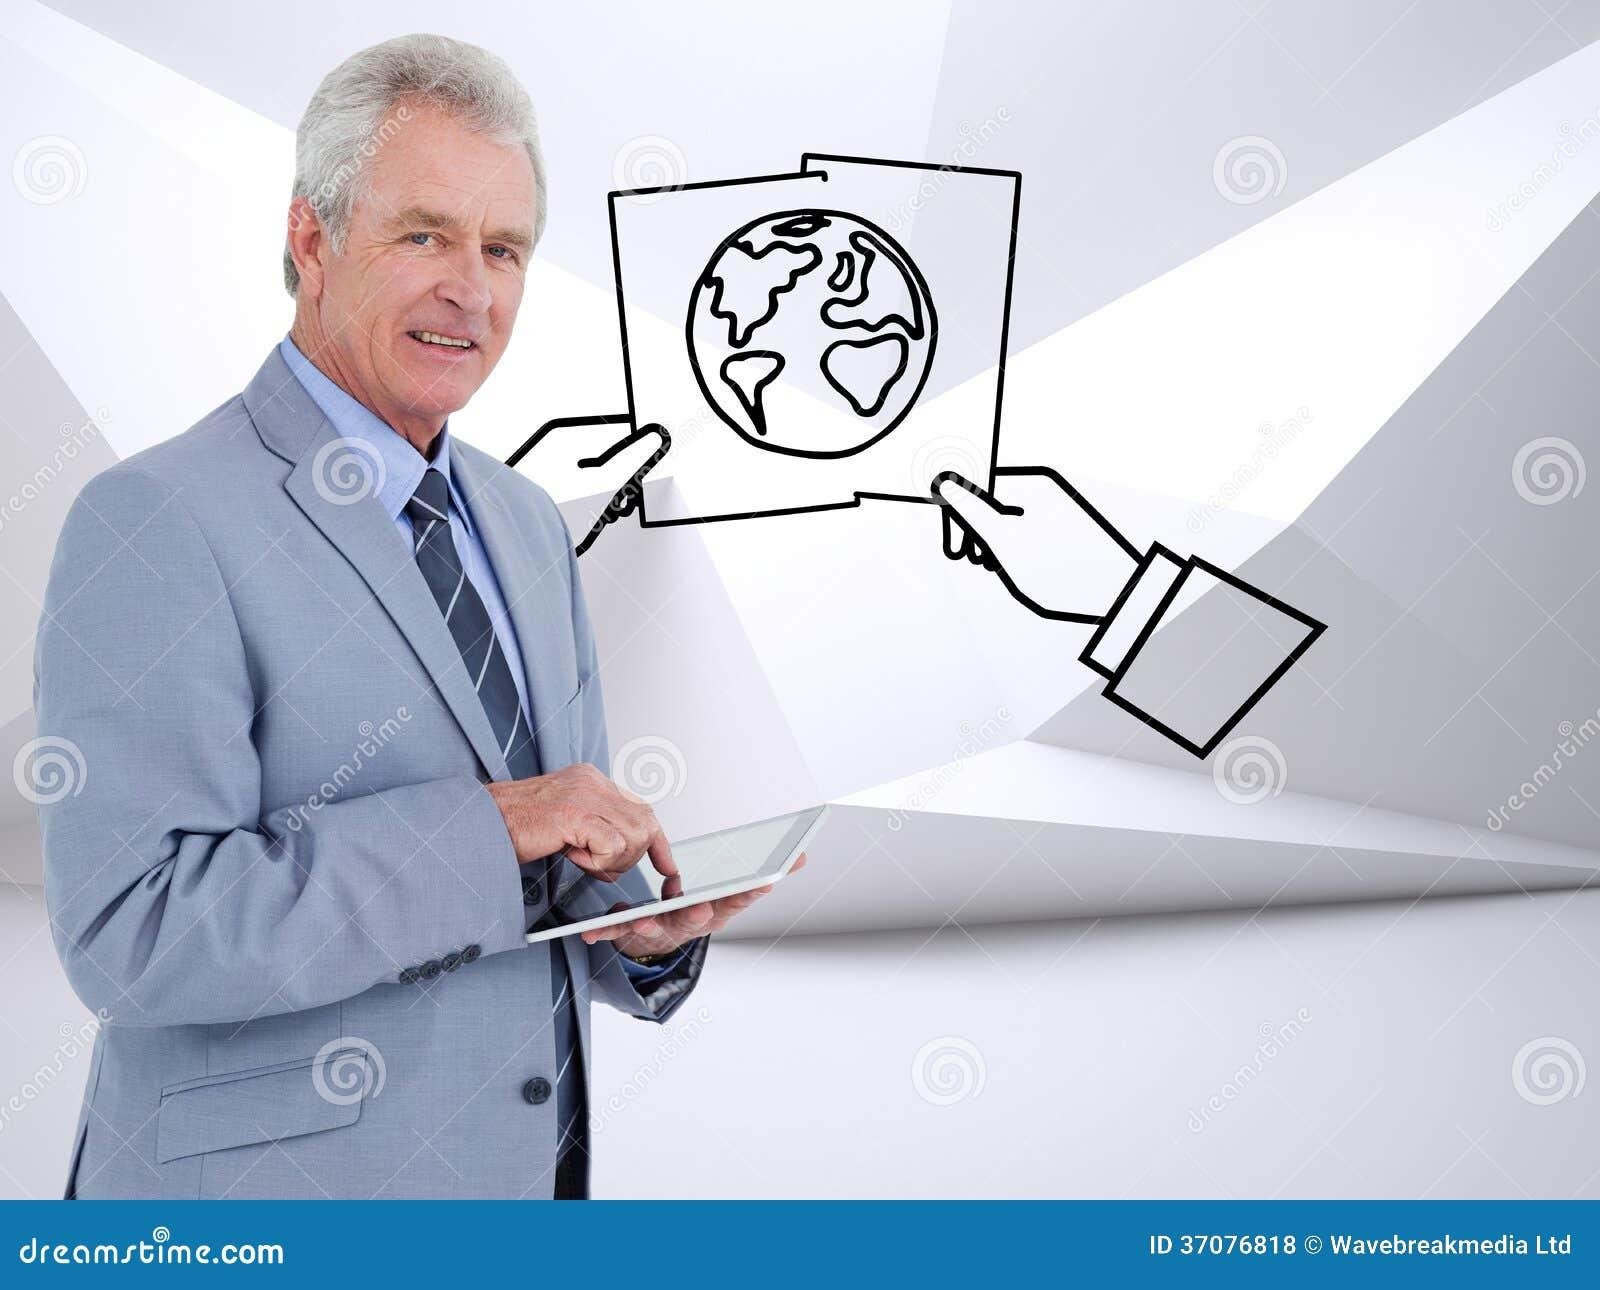 Download Boczny Widok Dojrzały Tradesman Z Pastylka Komputerem Ilustracji - Ilustracja złożonej z światło, digitalis: 37076818